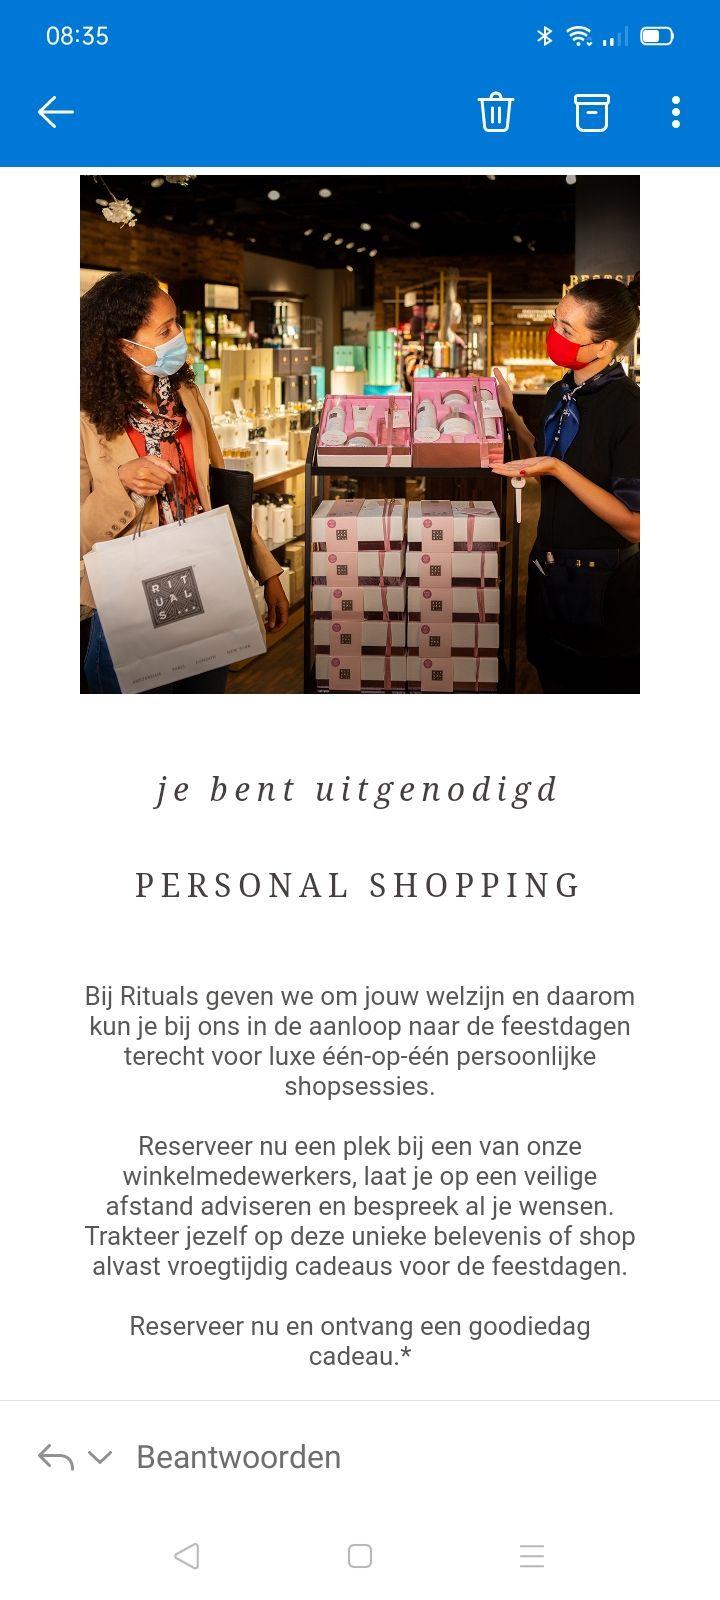 Rituals personal shopping met gratis goodiebag. Alleen voor members.